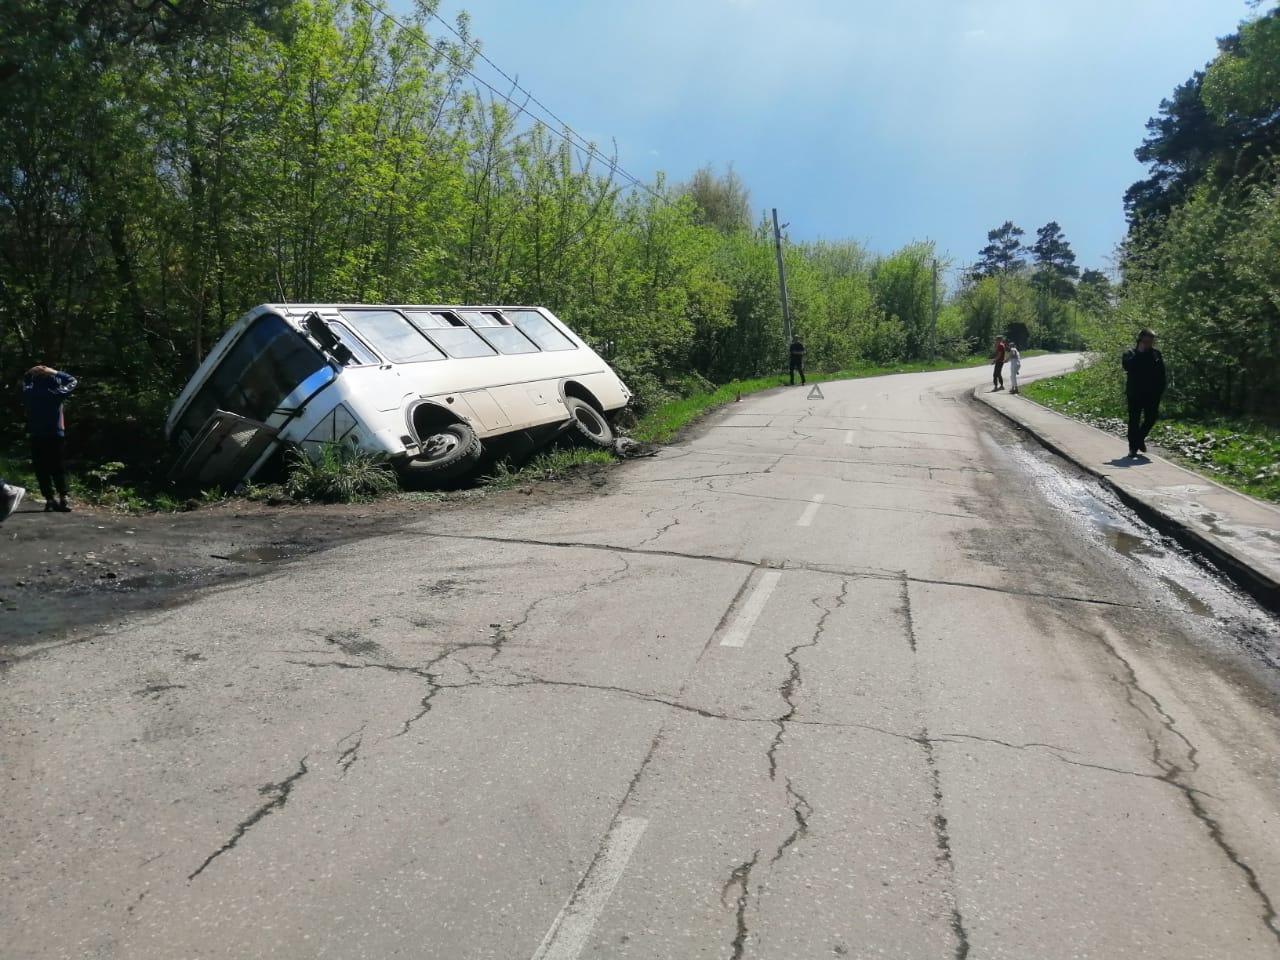 фото Подростки на самокатах спровоцировали ДТП с пассажирским автобусом под Новосибирском 2